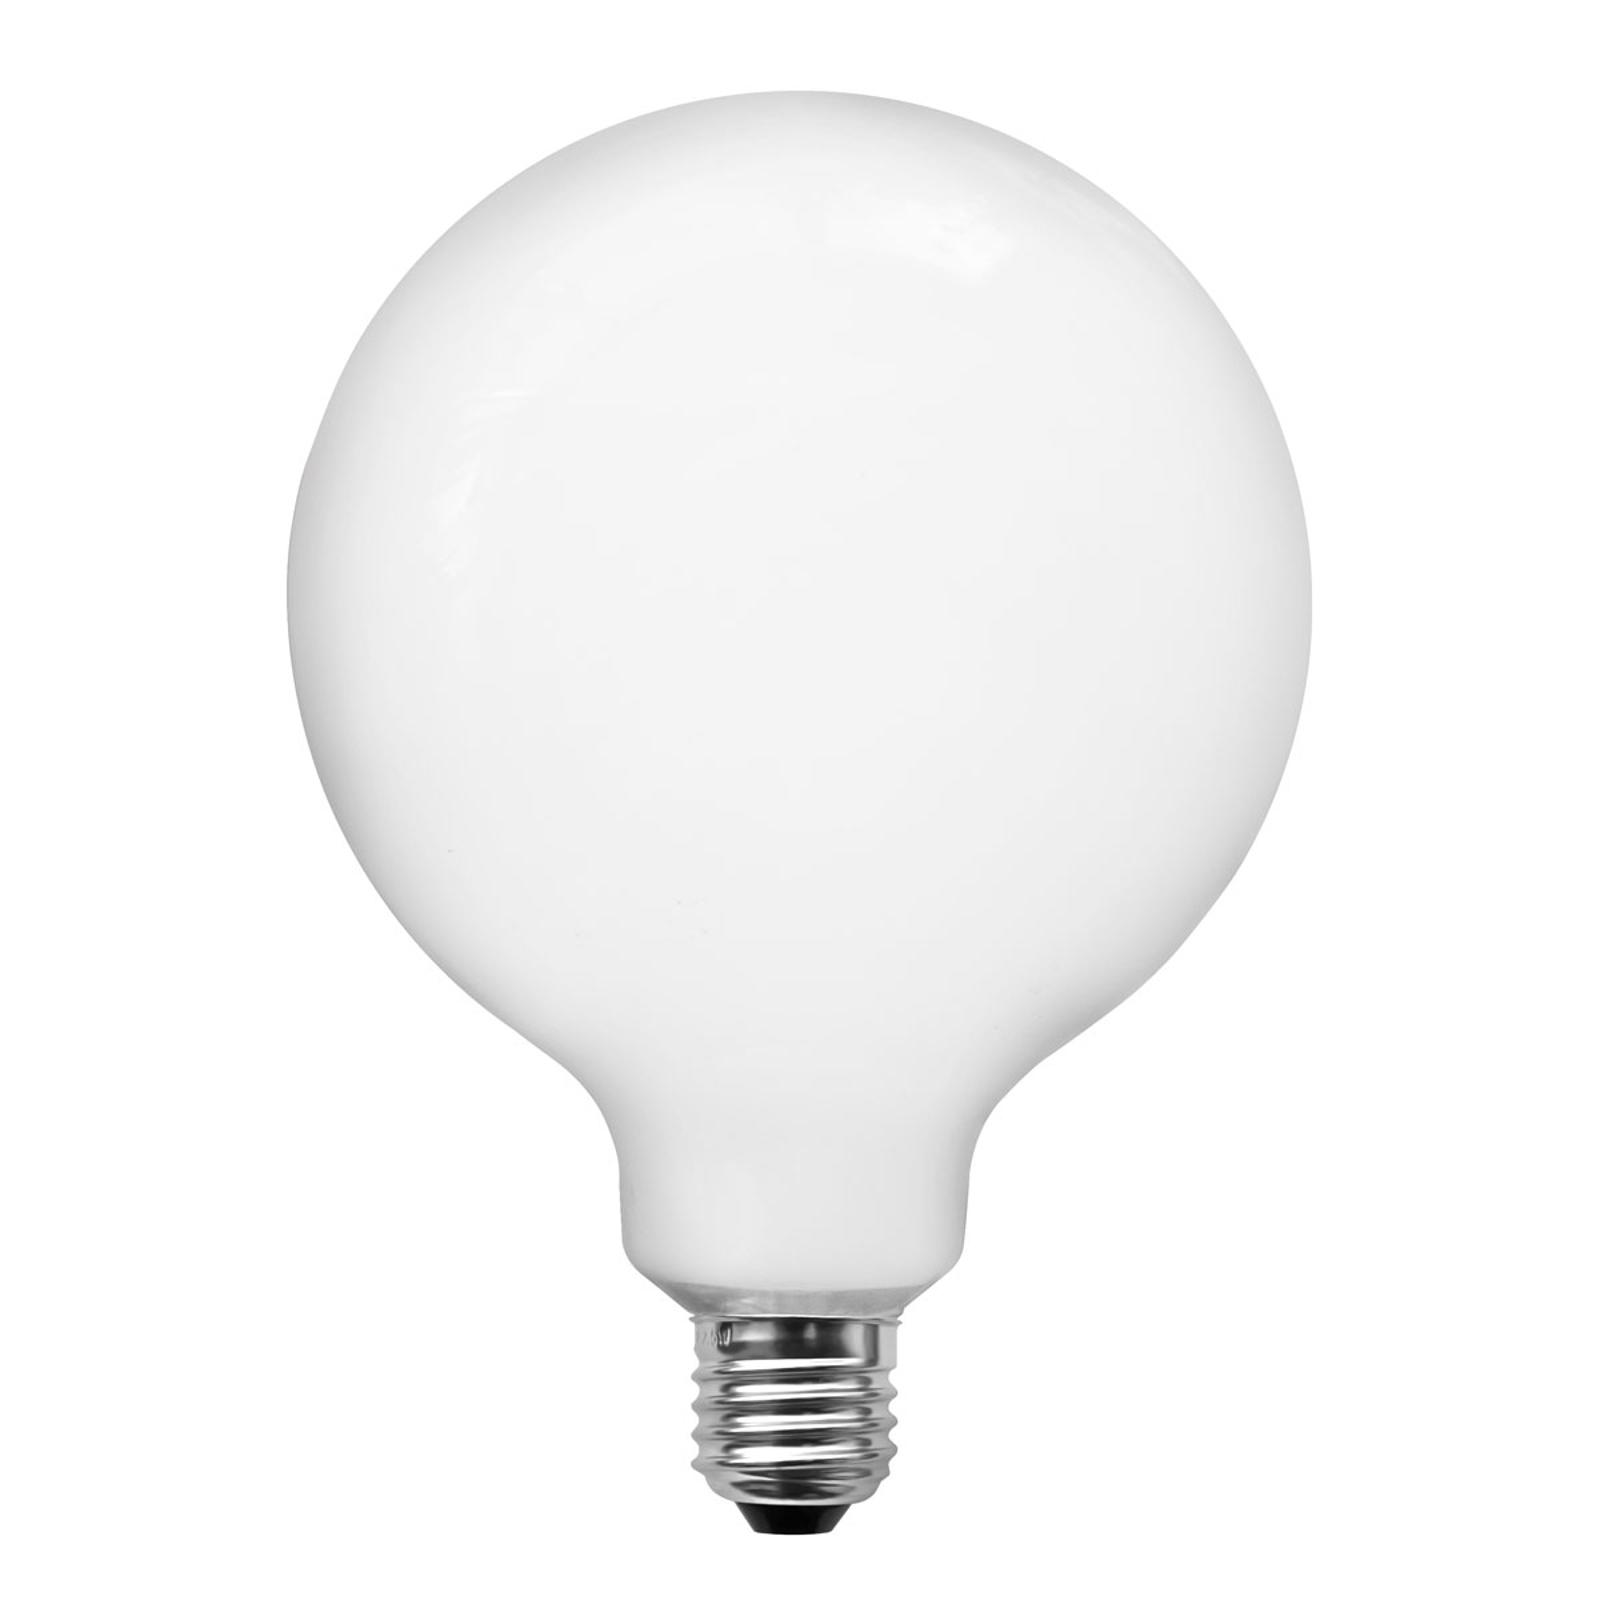 Lampadina LED E27 926 globo G95 4W dimmerabile